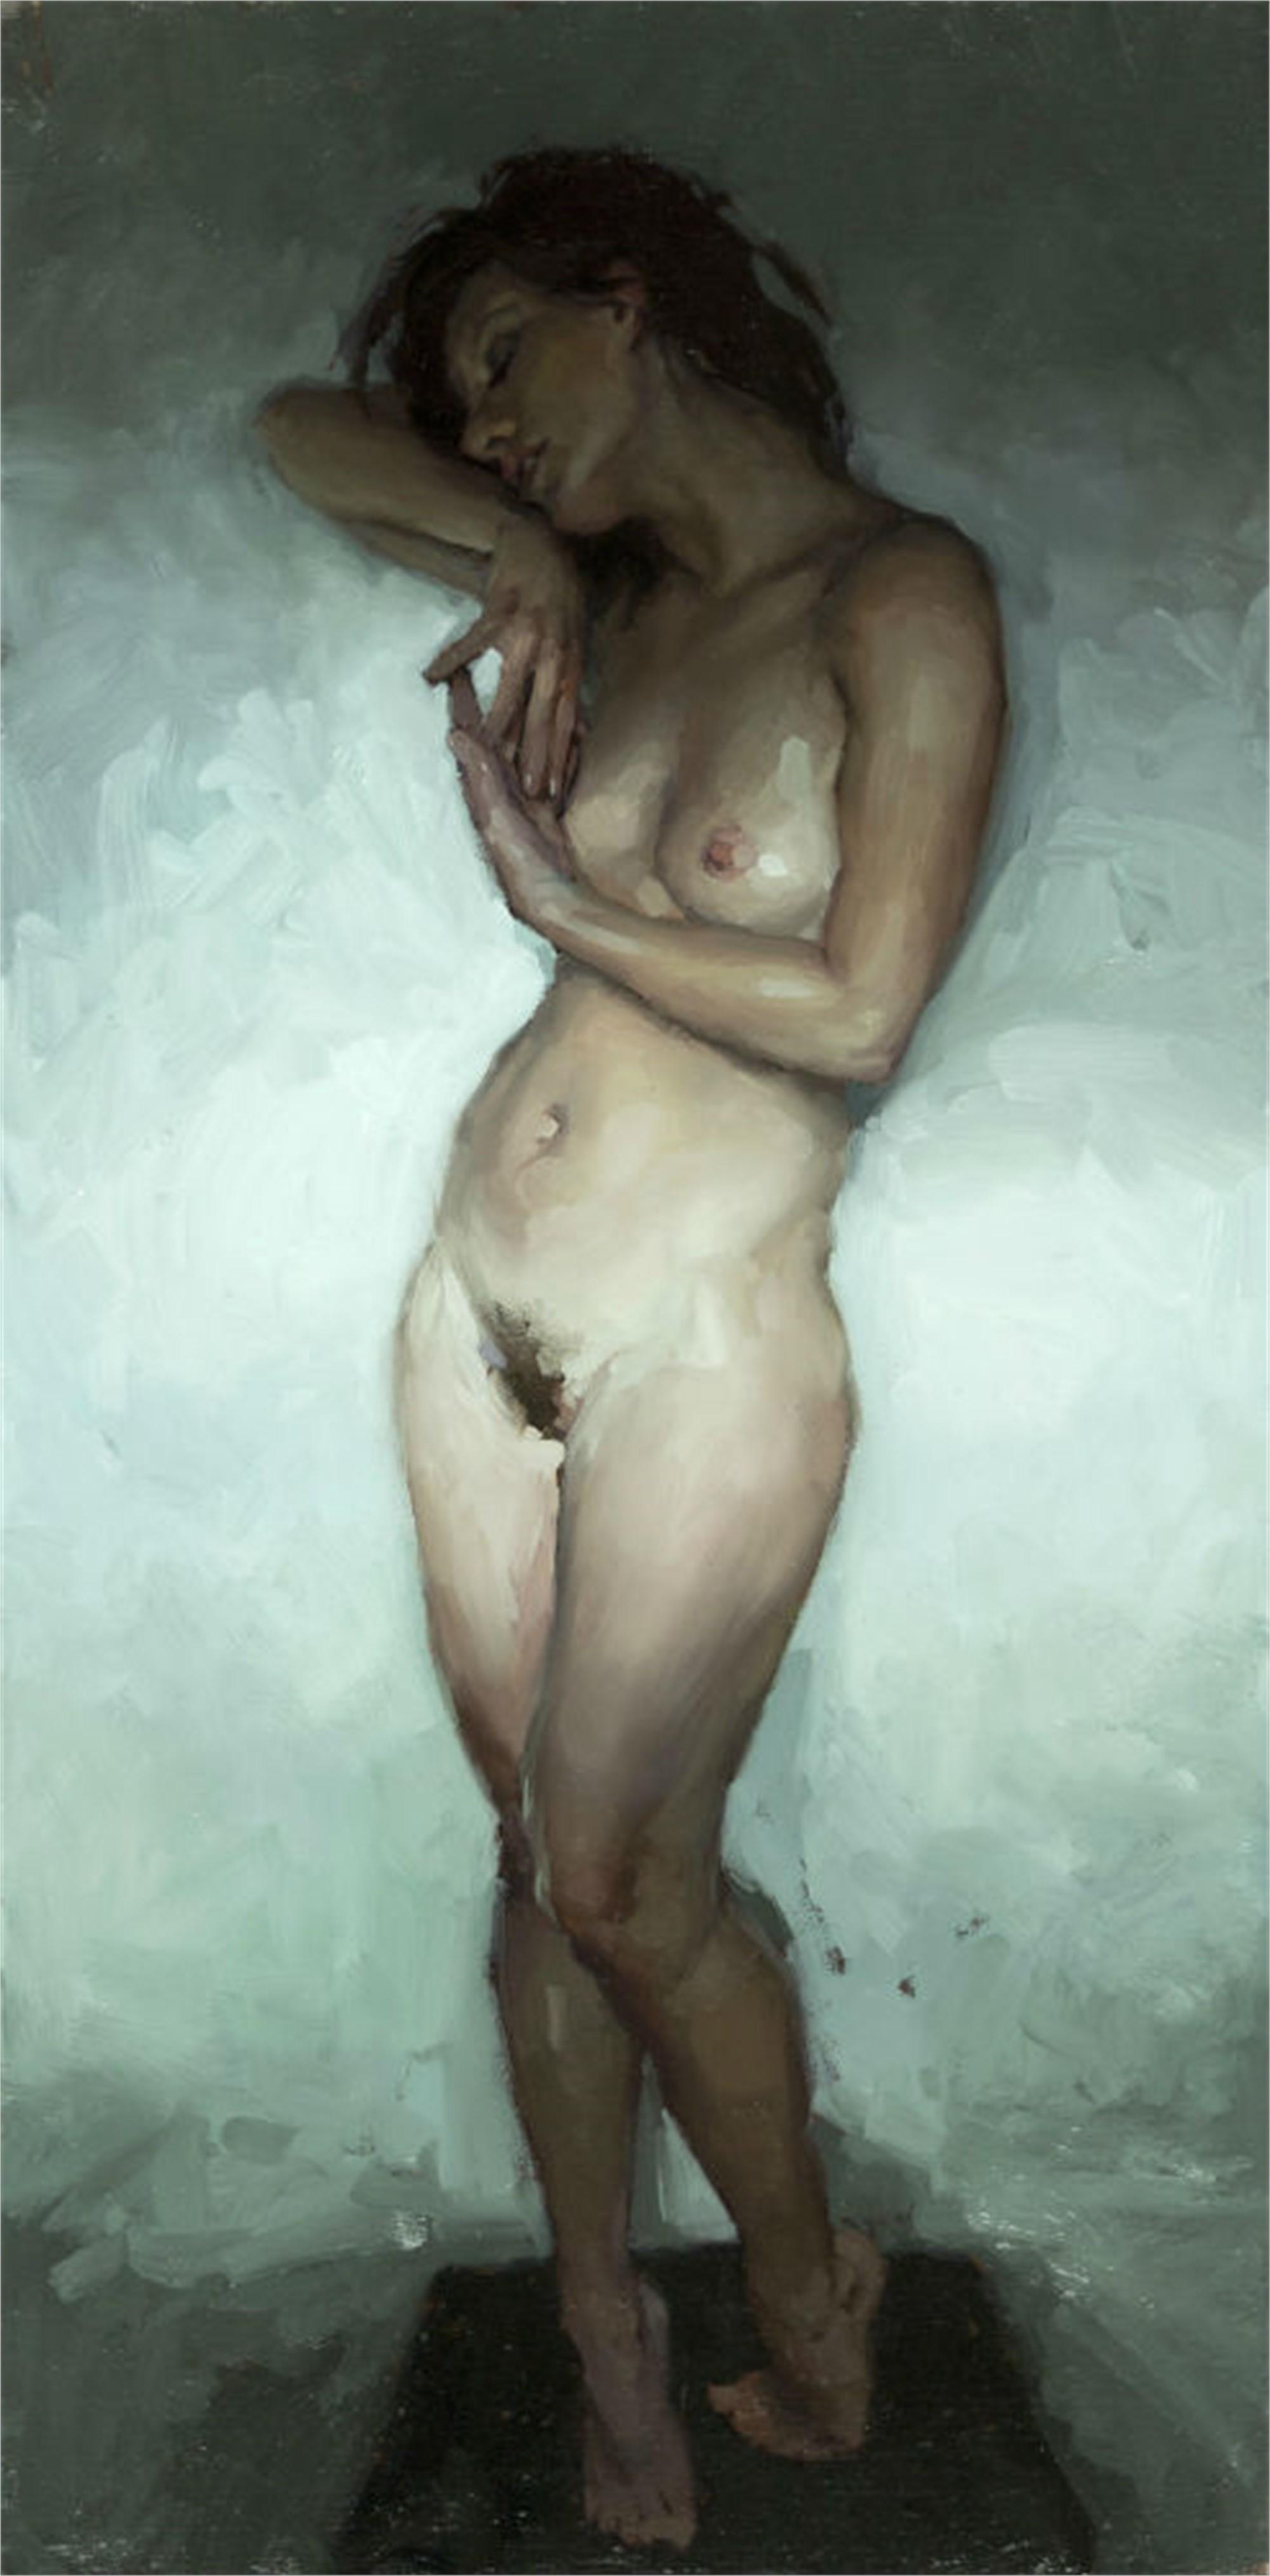 Nude Study, Window Light No. 2 by Jeremy Mann